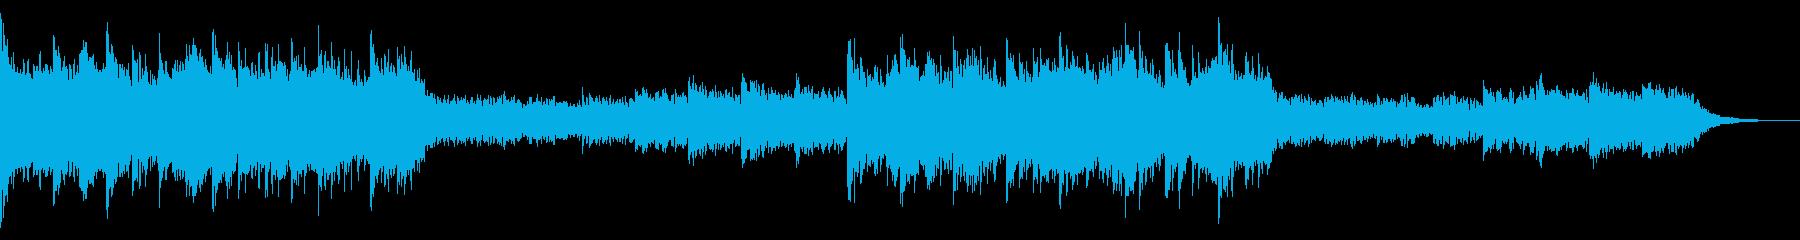 機械人形がなにかを決意し旅立つ音楽の再生済みの波形